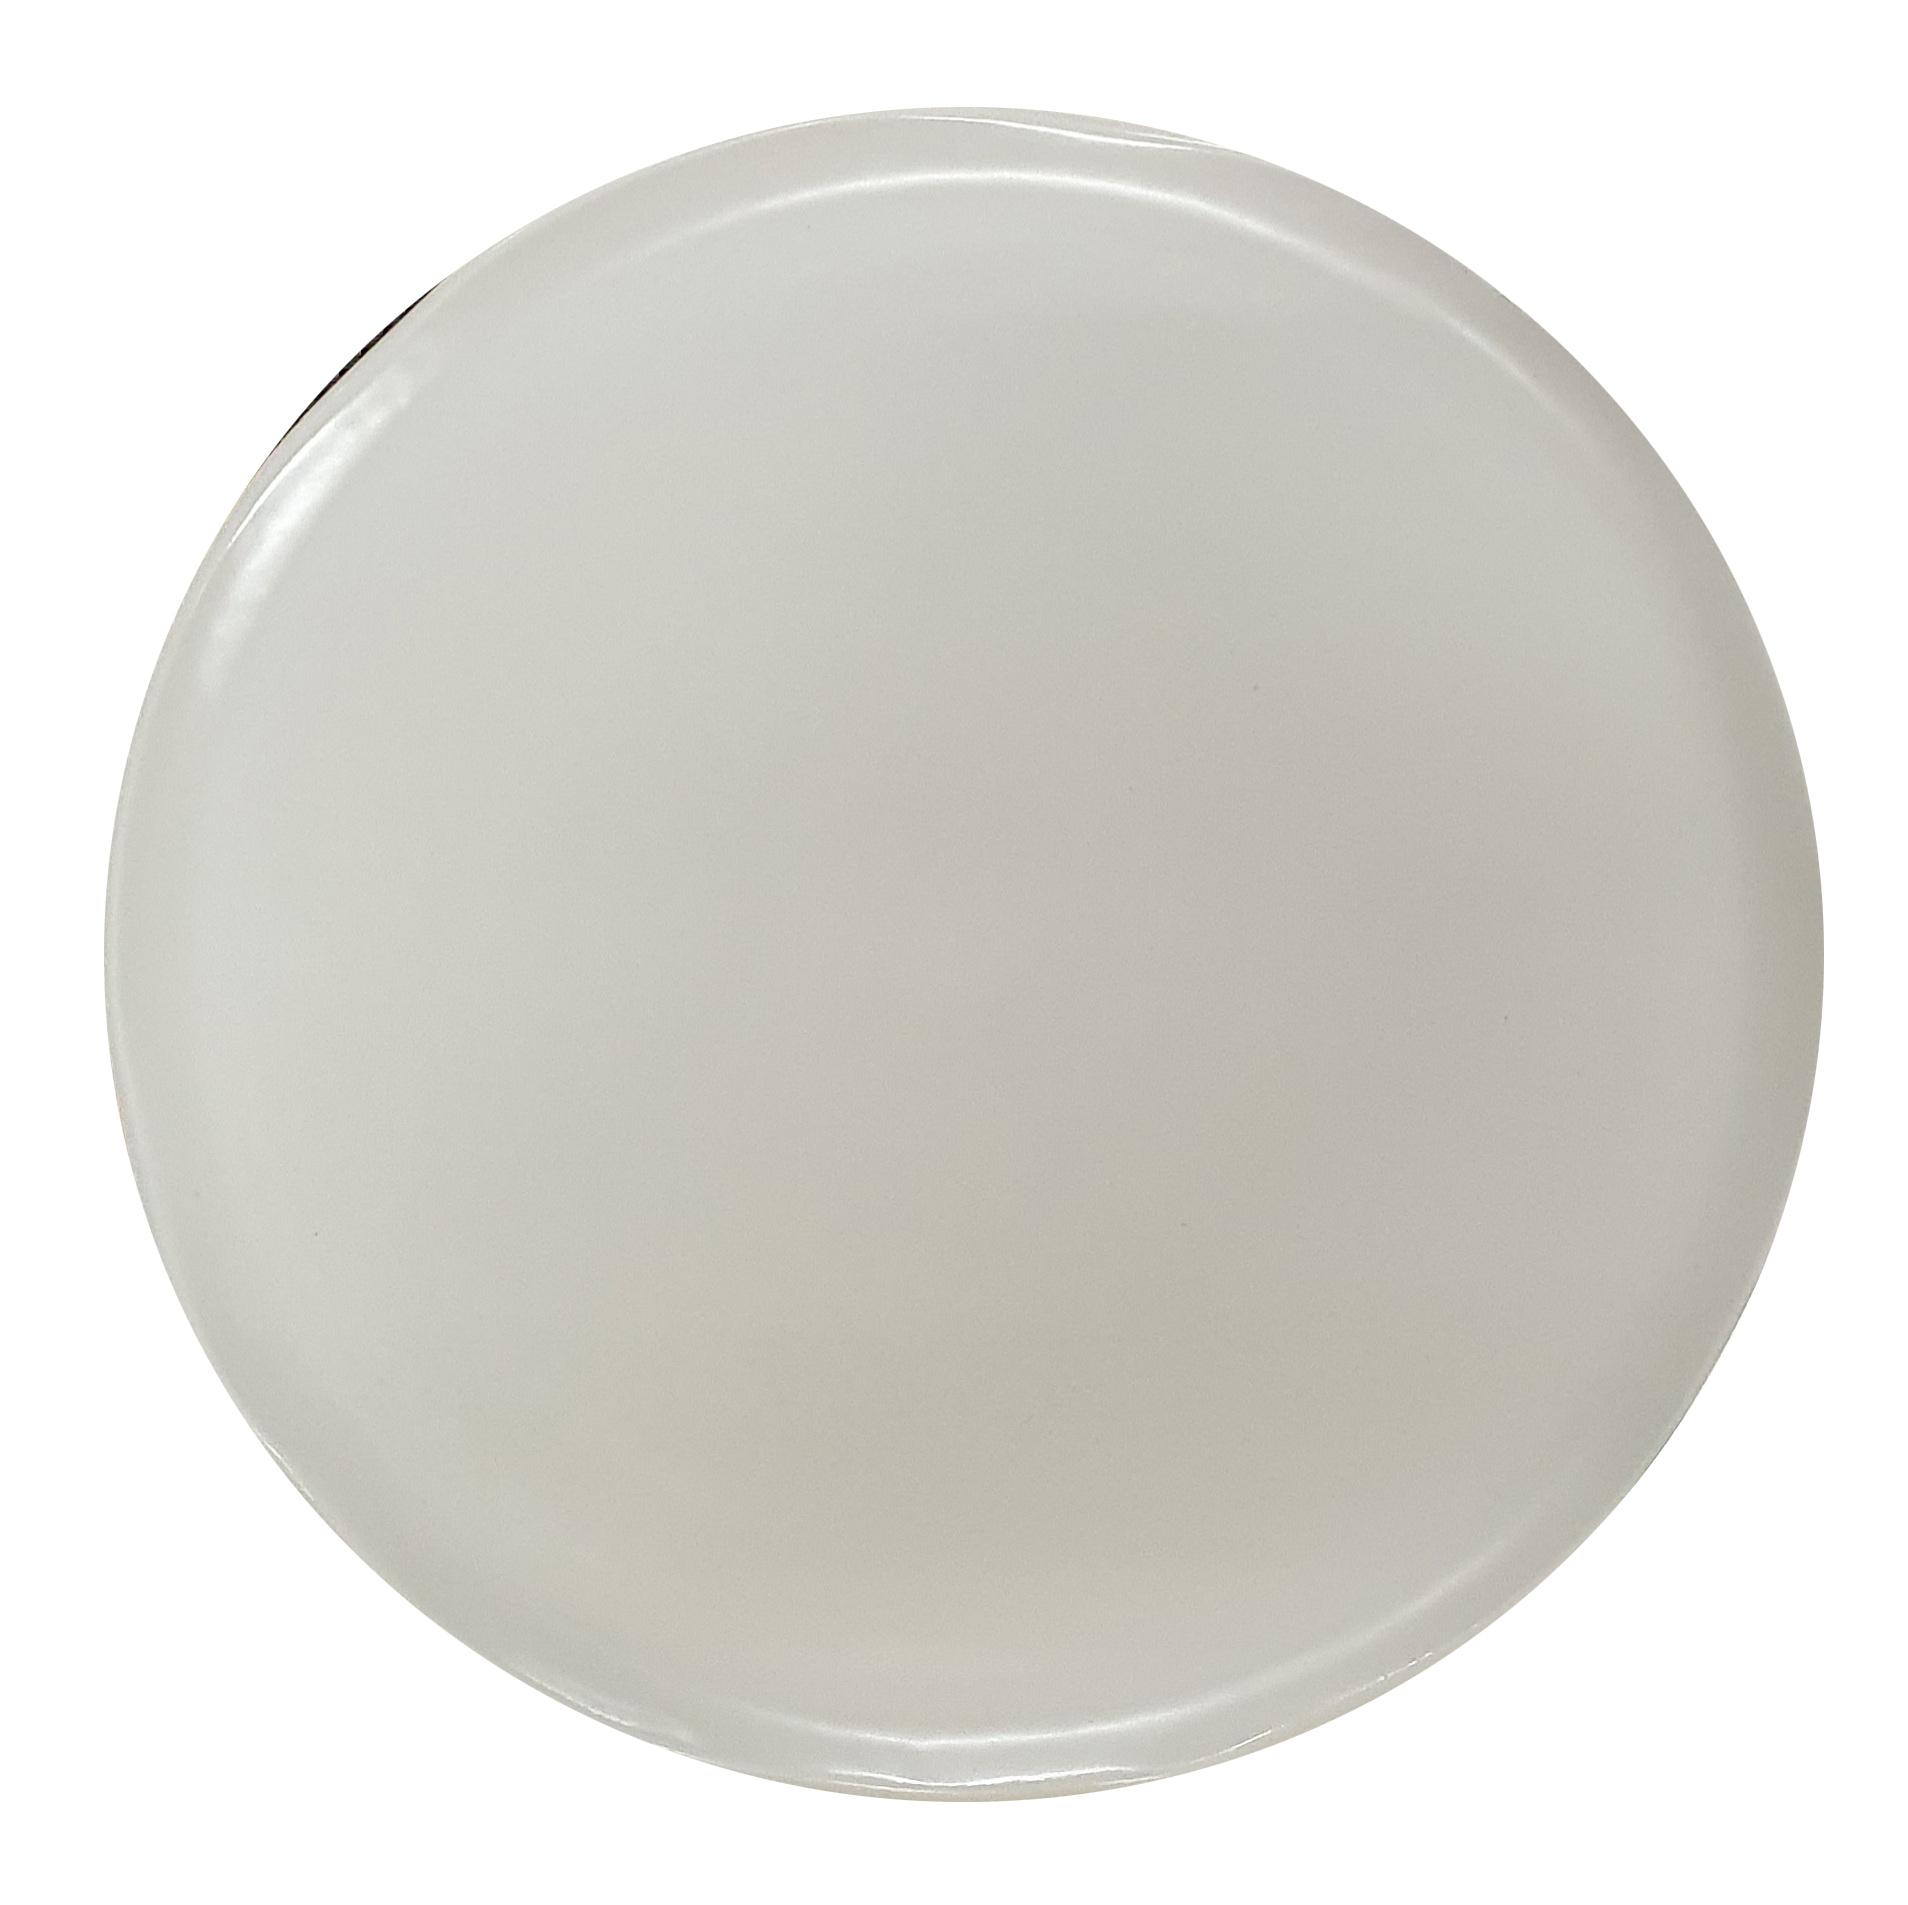 Square bowl 5 7/8